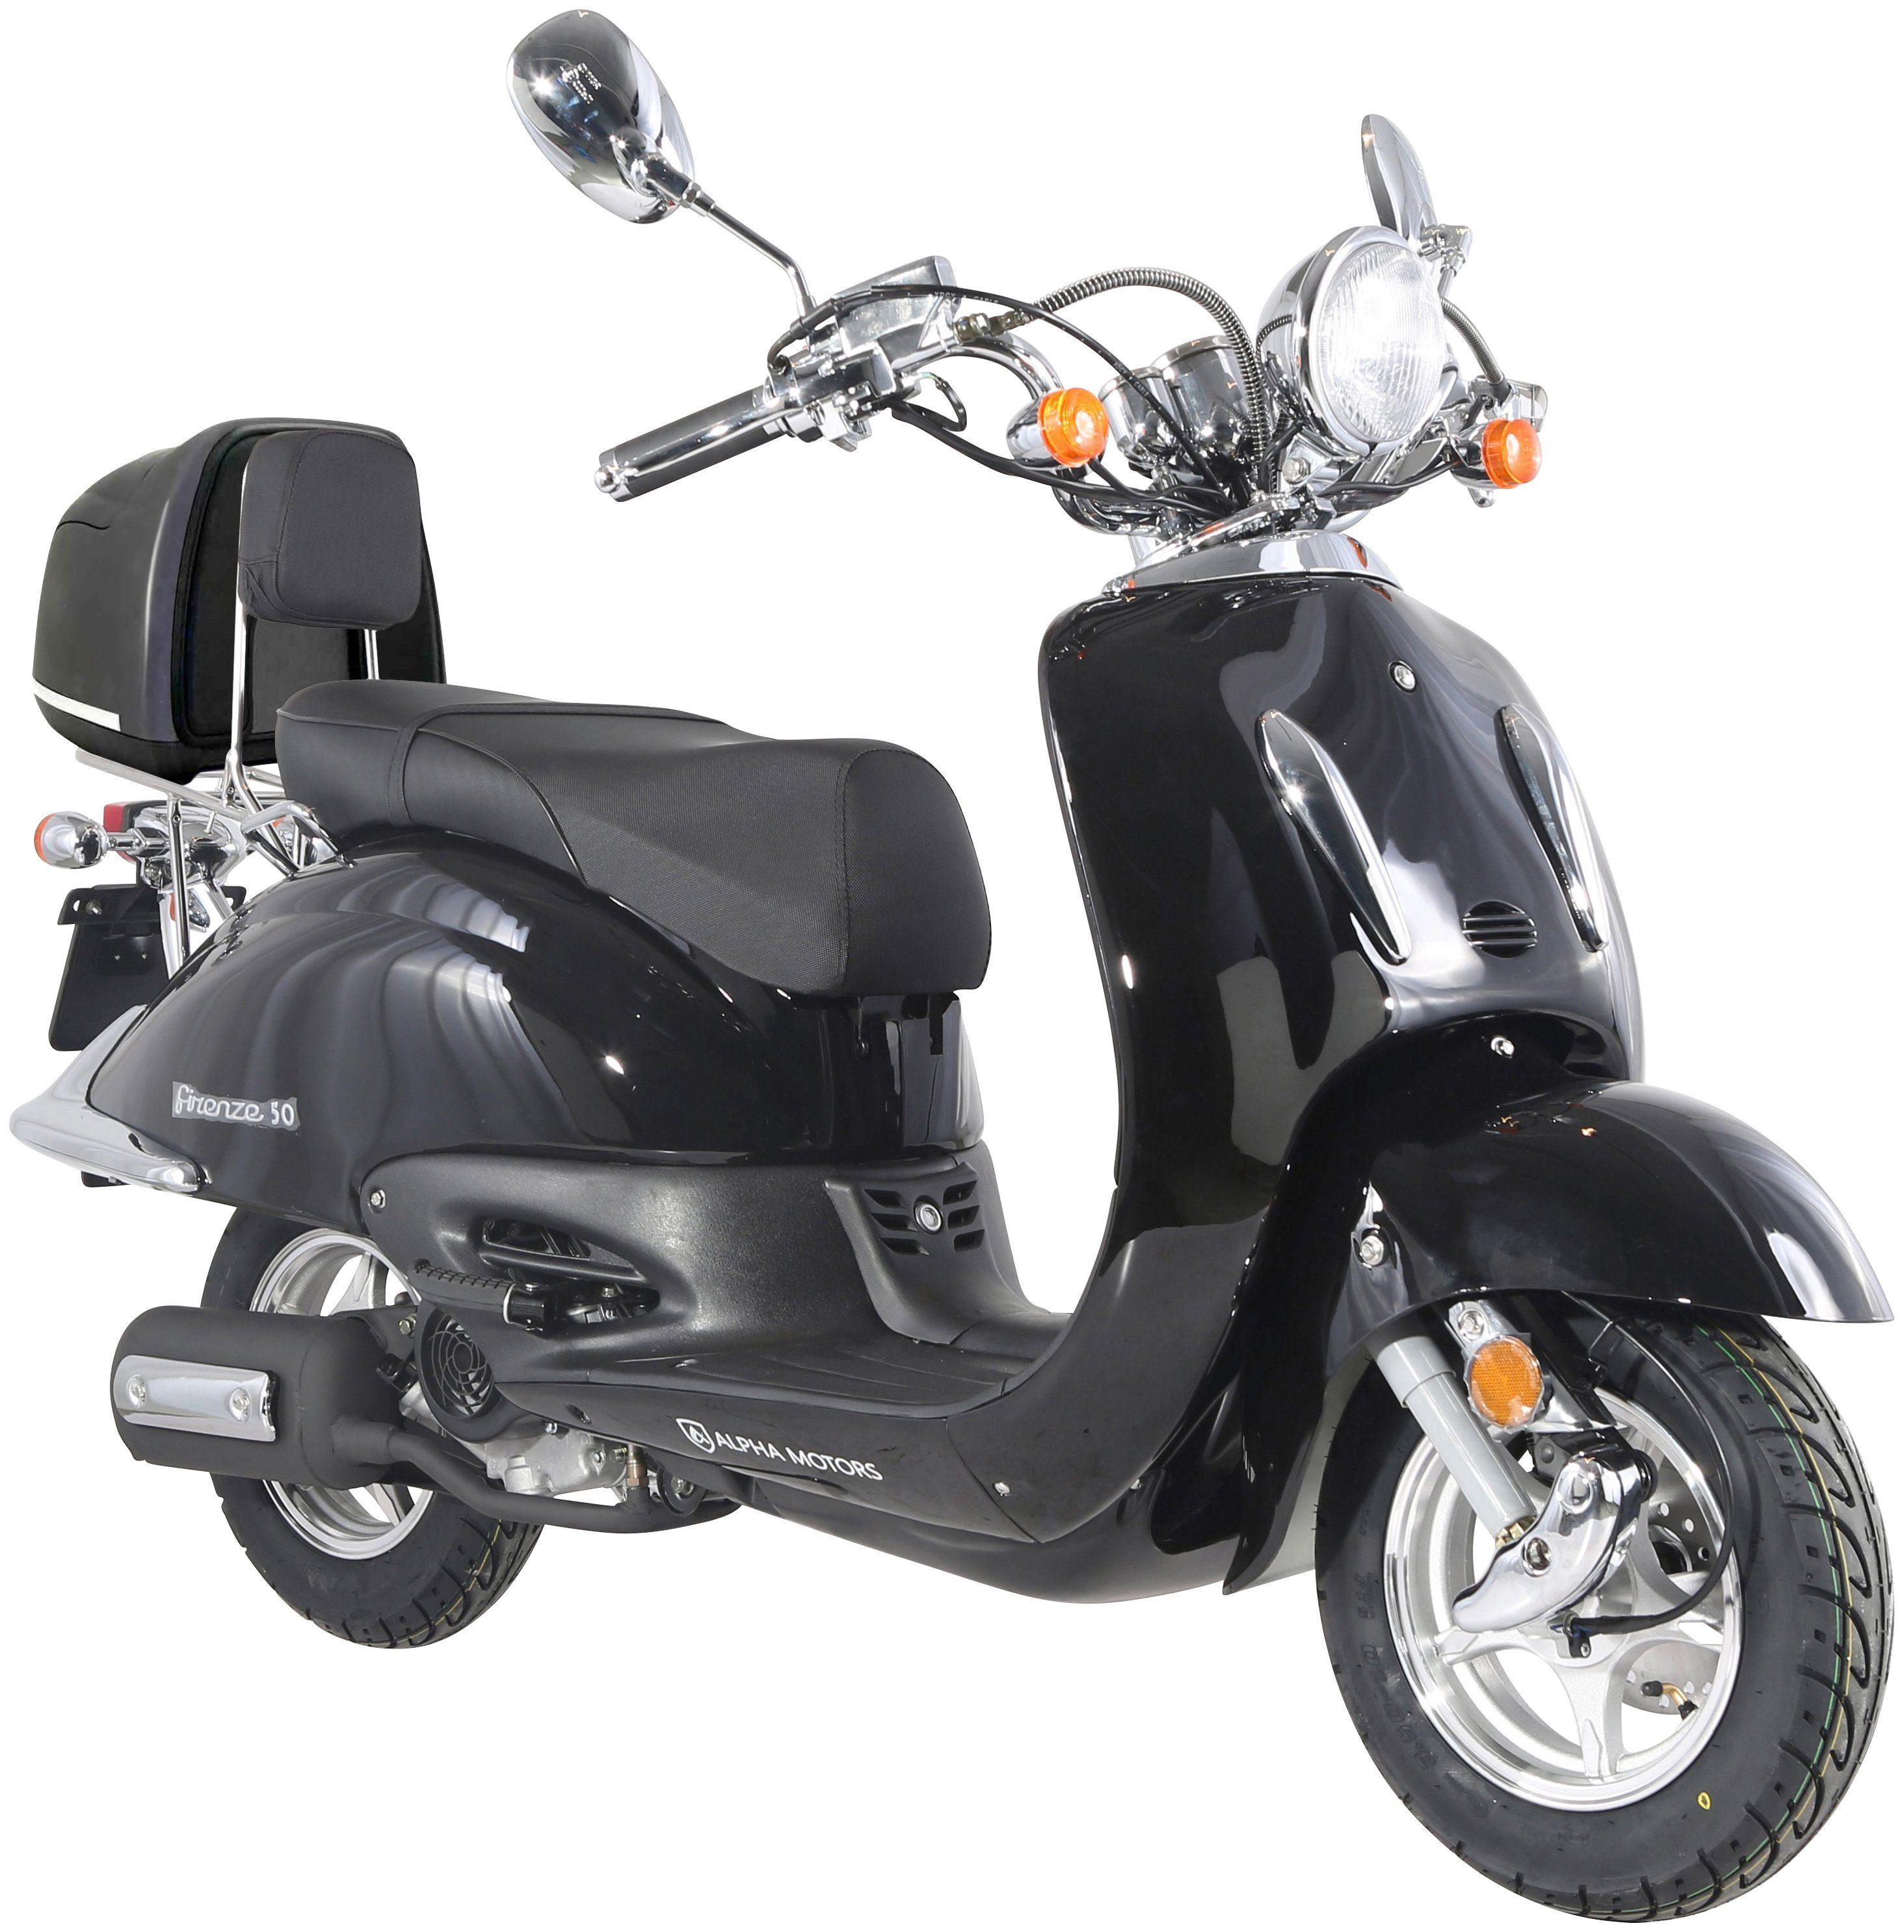 ALPHA MOTORS Motorroller »Retro Firenze«, 50 cm³, 45 km/h, inkl. Topcase